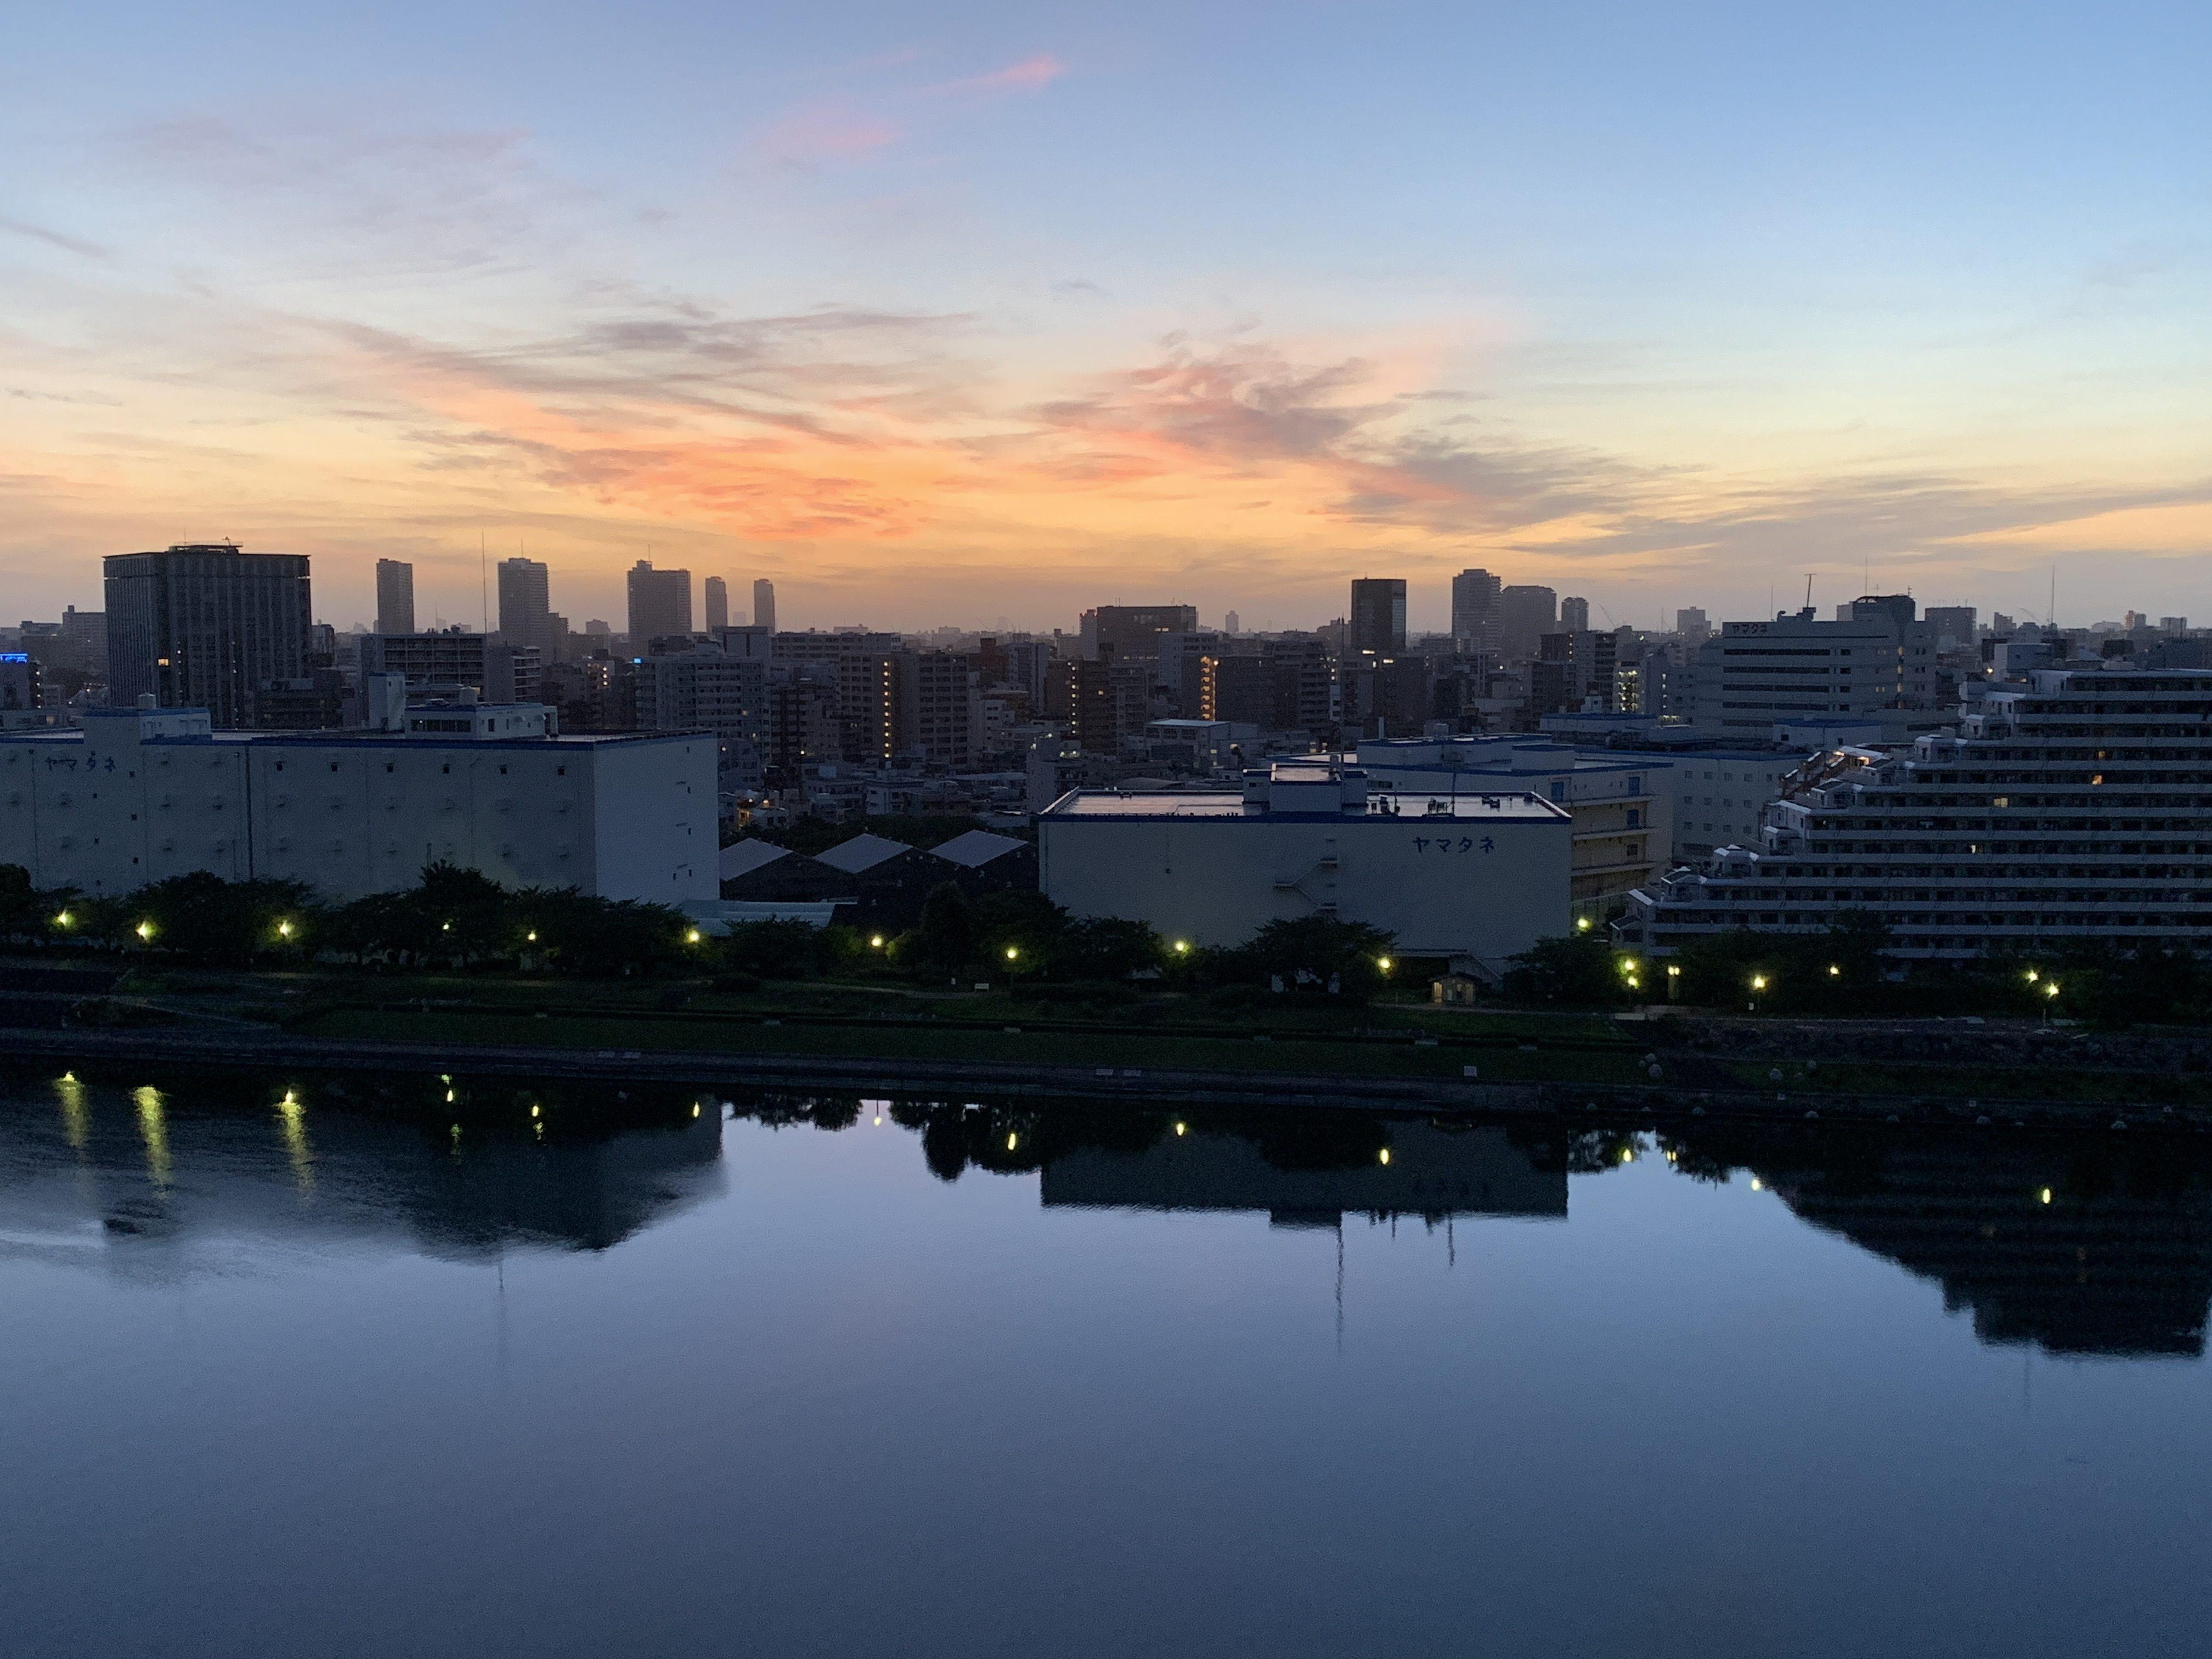 綺麗な夜明け☀️「自分の鏡』